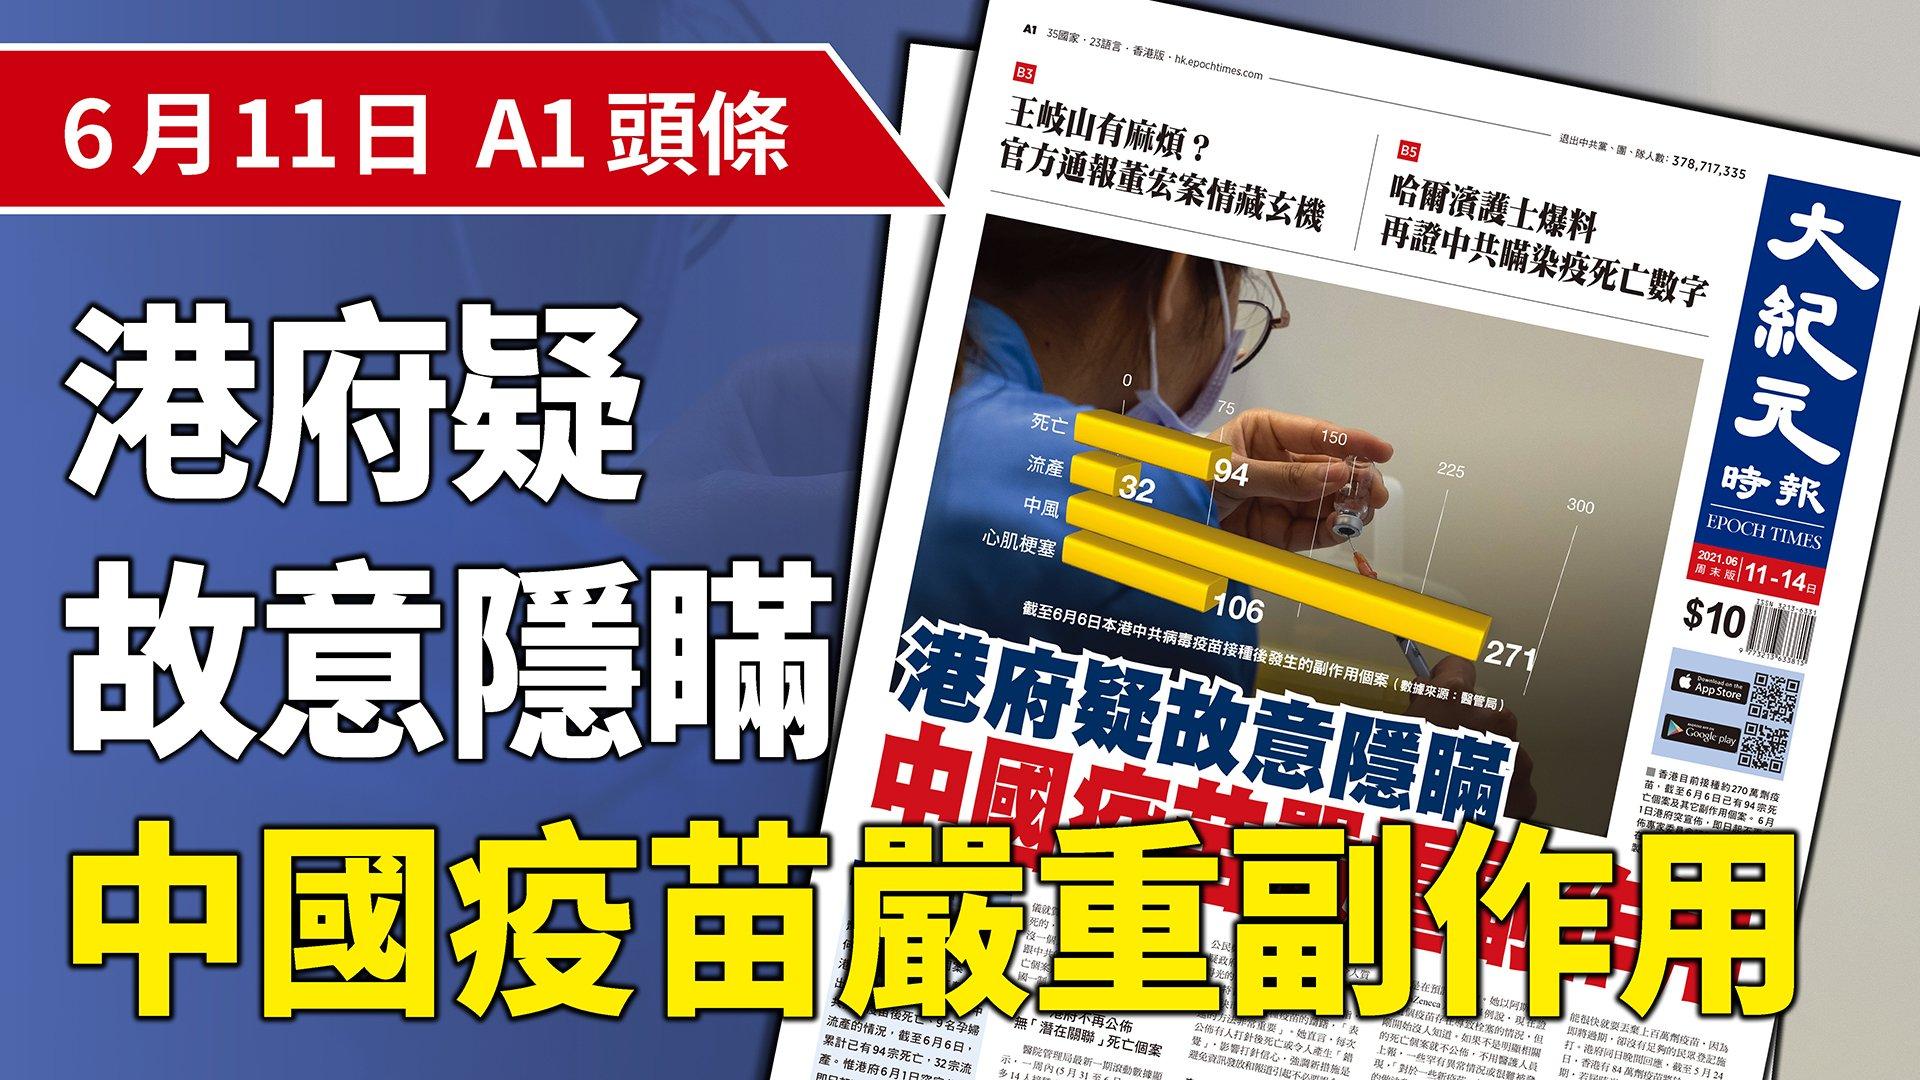 香港目前接種約270萬劑疫苗,截至6月6日已有94宗死亡個案及其它副作用個案。6月1日港府突宣佈,即日起不再公佈專家委員會認為與疫苗無「潛在關聯」的死亡個案。(大紀元製圖)